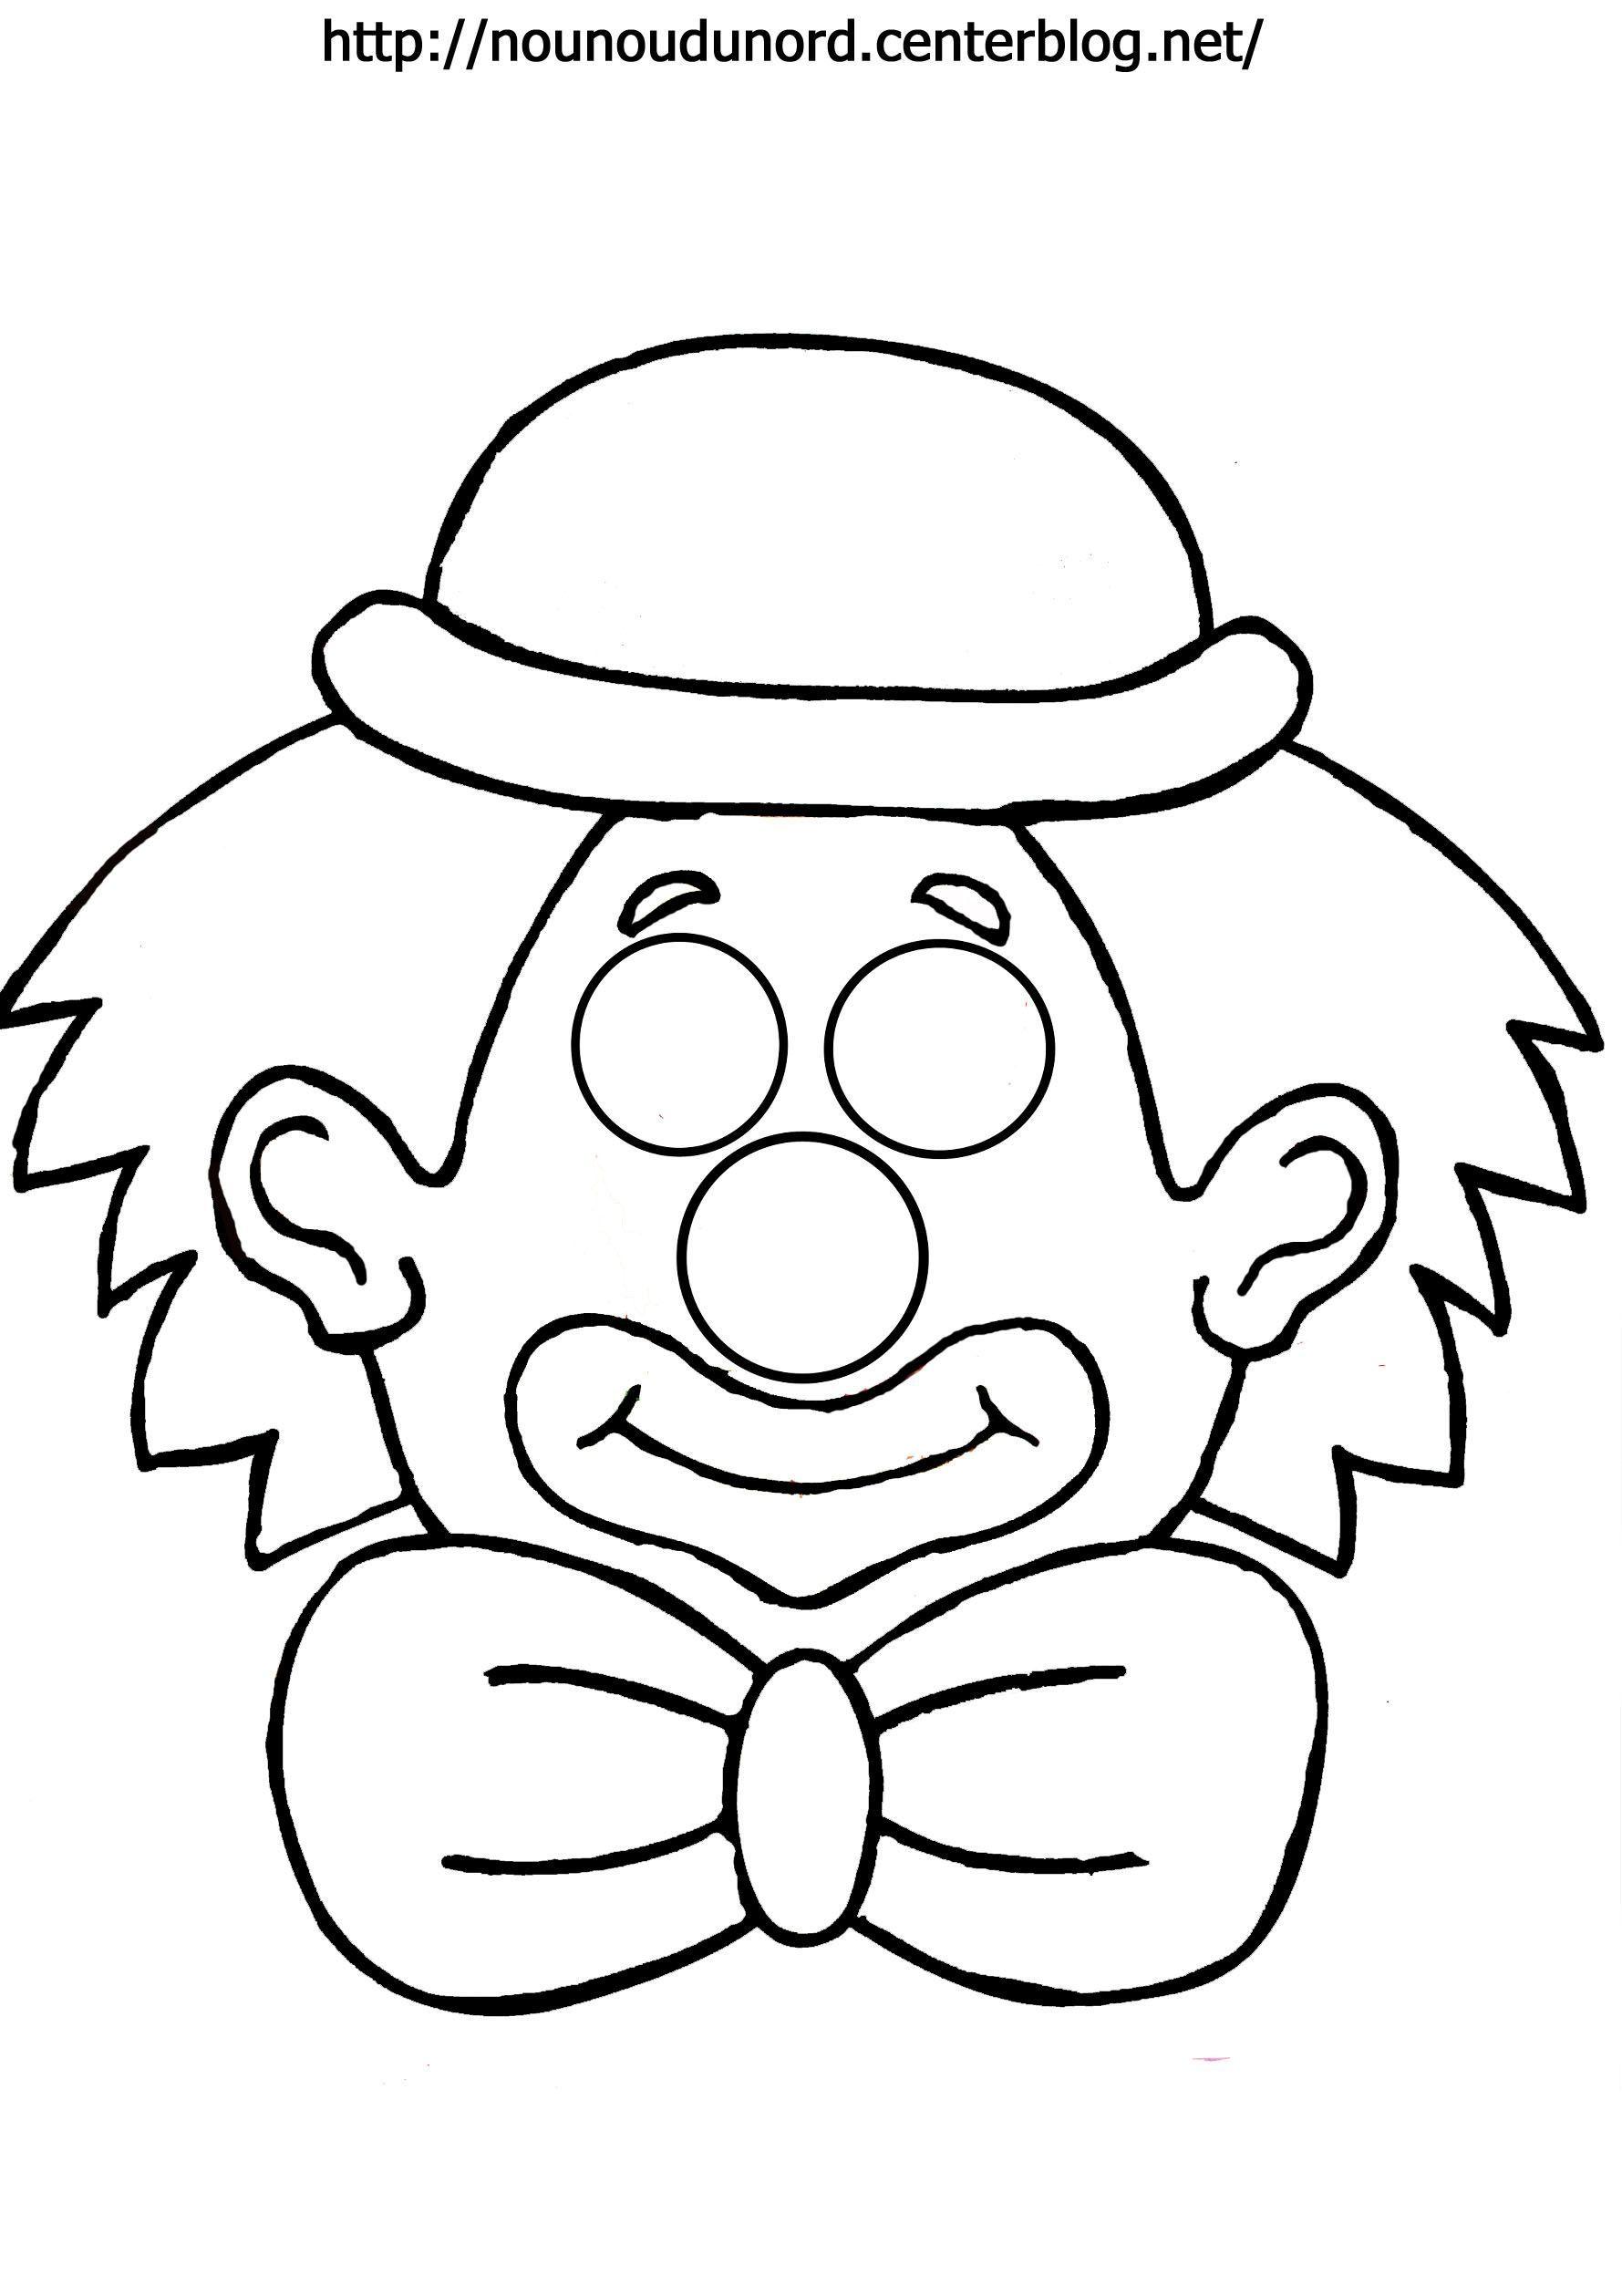 Frais Image à Coloriage Clown